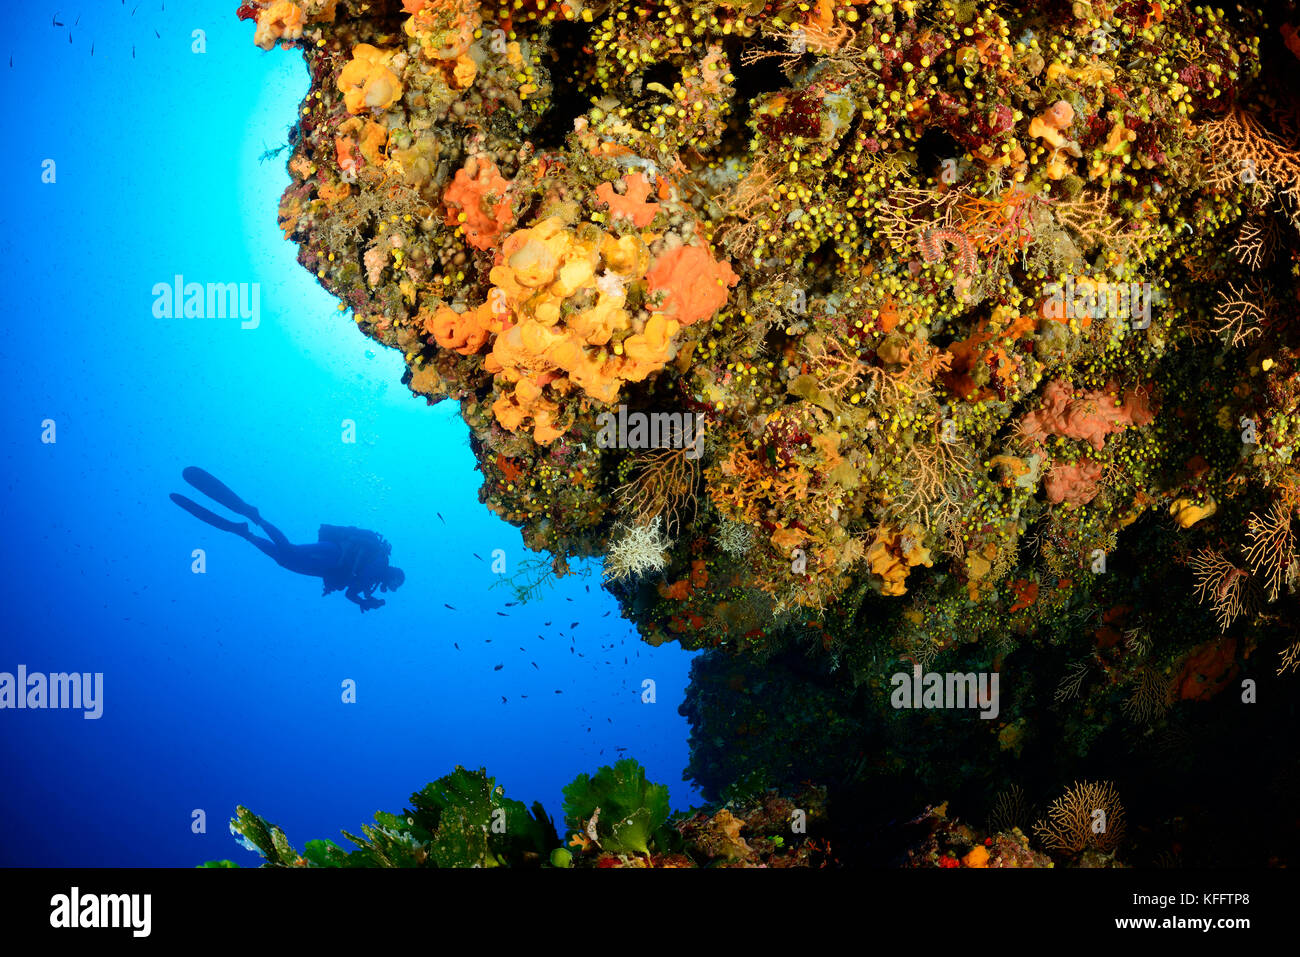 Scuba diver and Coralreef, Adriatic Sea, Mediterranean Sea, Island Lastovo, Dalmatia, Croatia, MR Yes - Stock Image